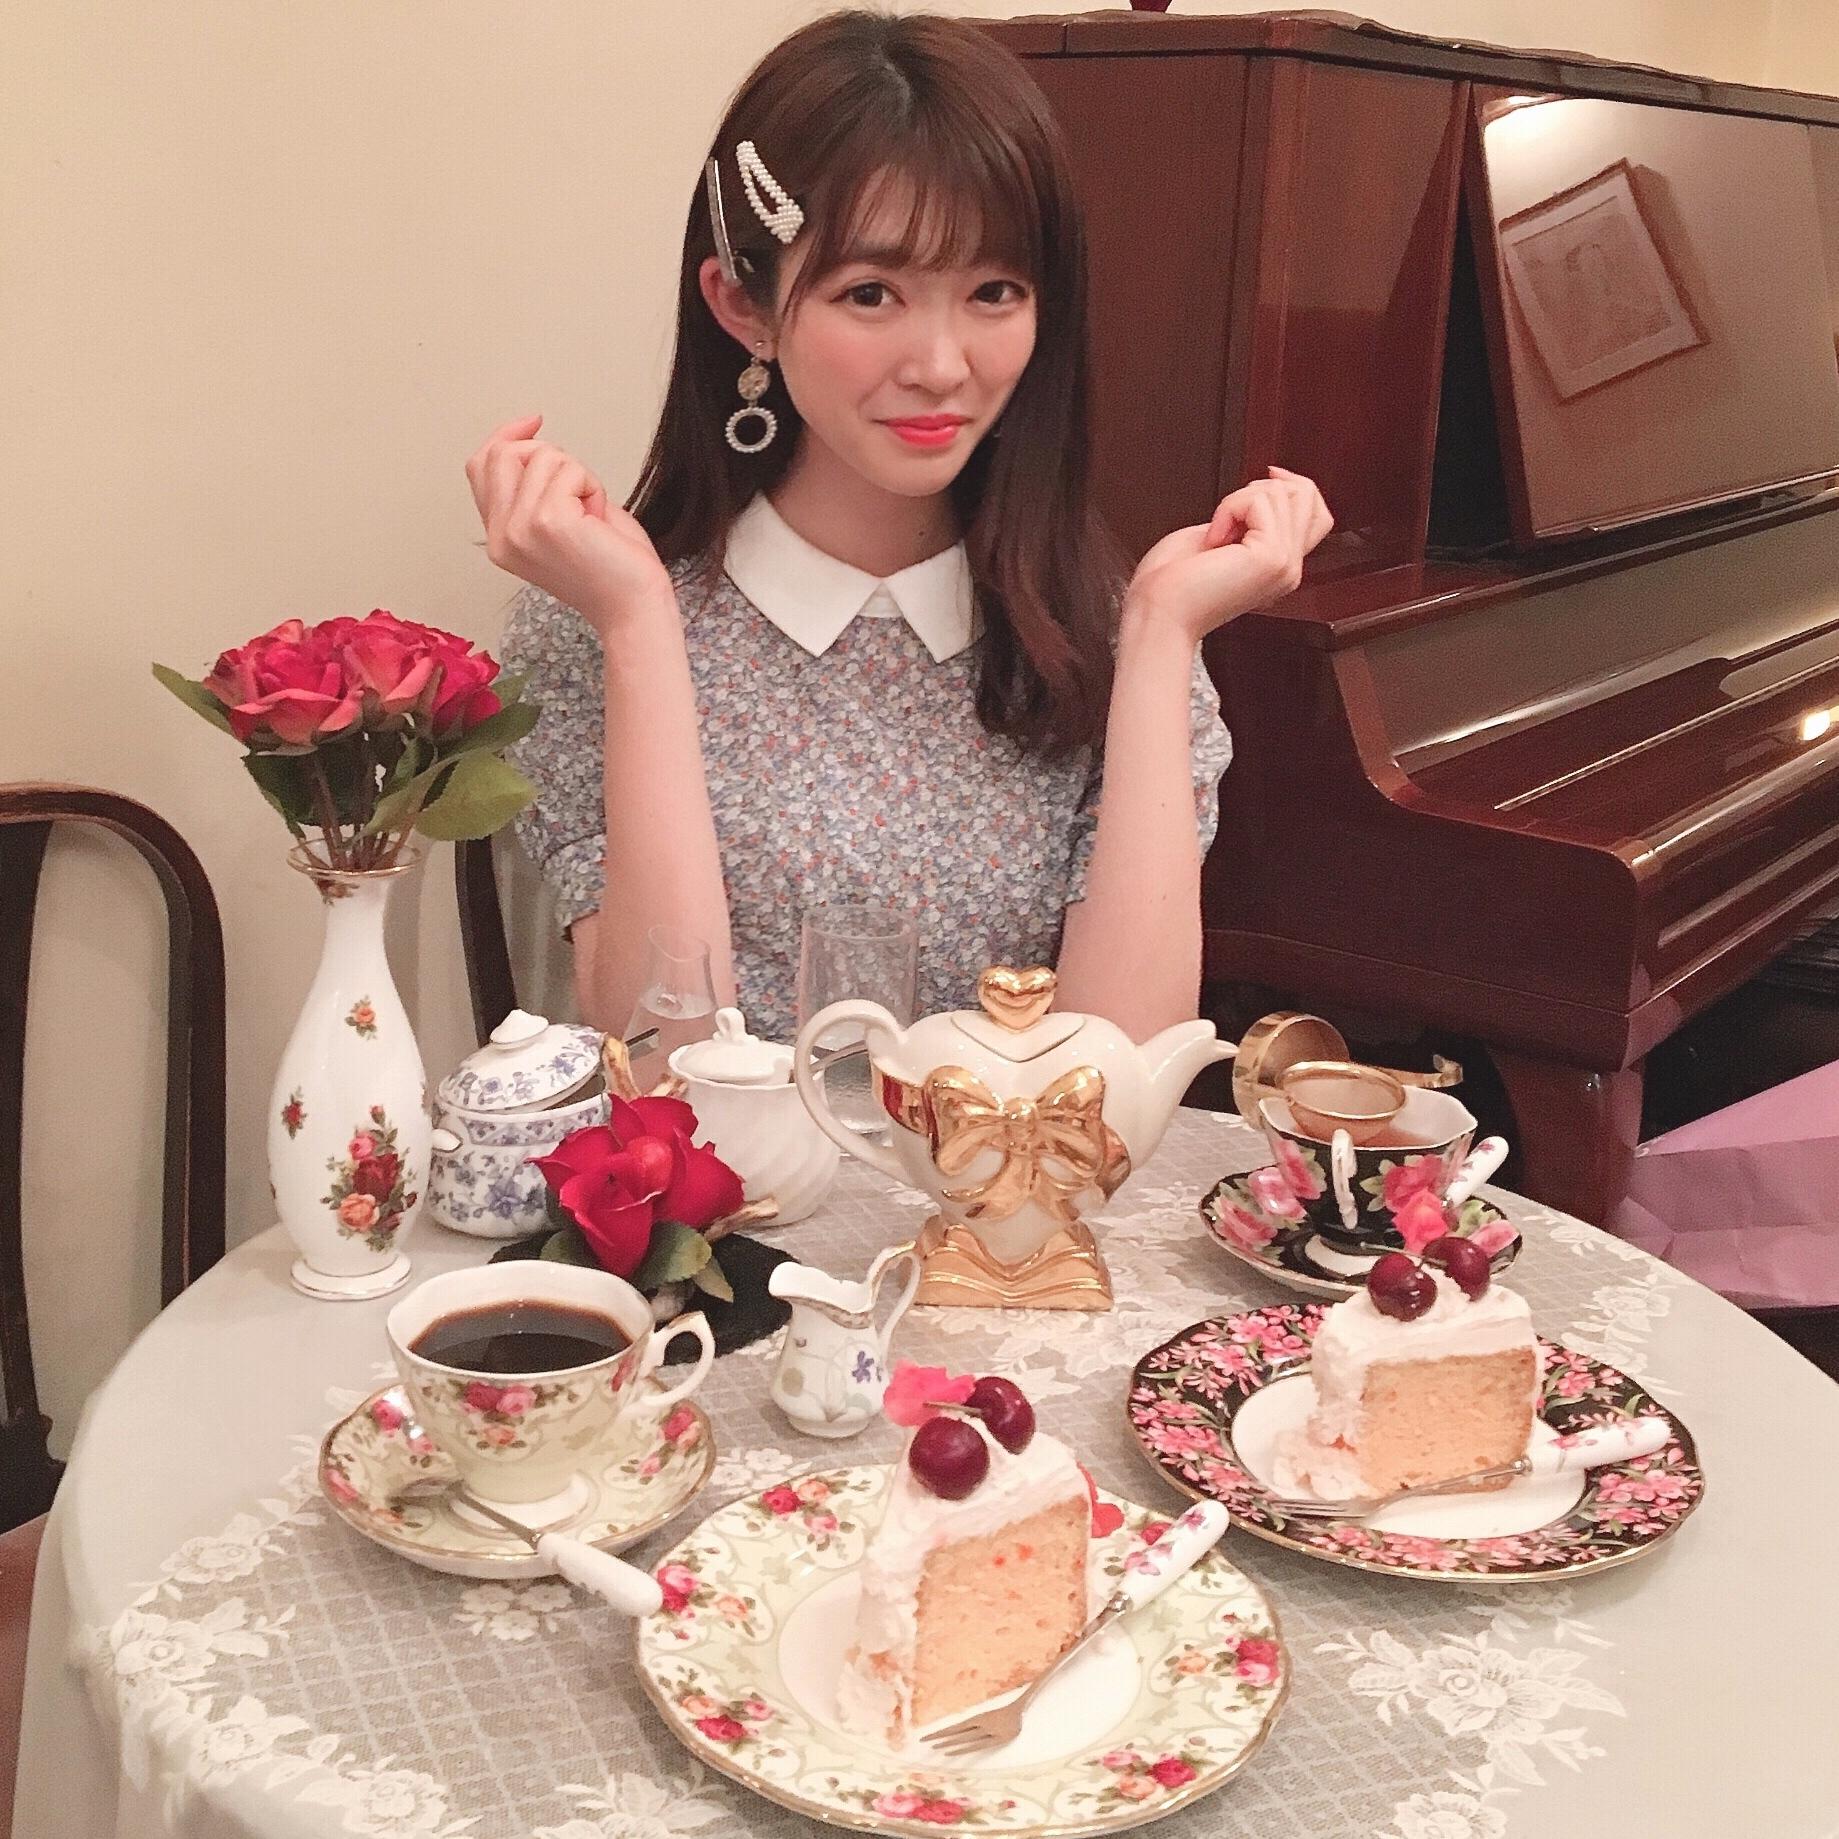 【女子必見❤︎?!】プリンセス気分を味わえる 激カワCAFE☆_1_9